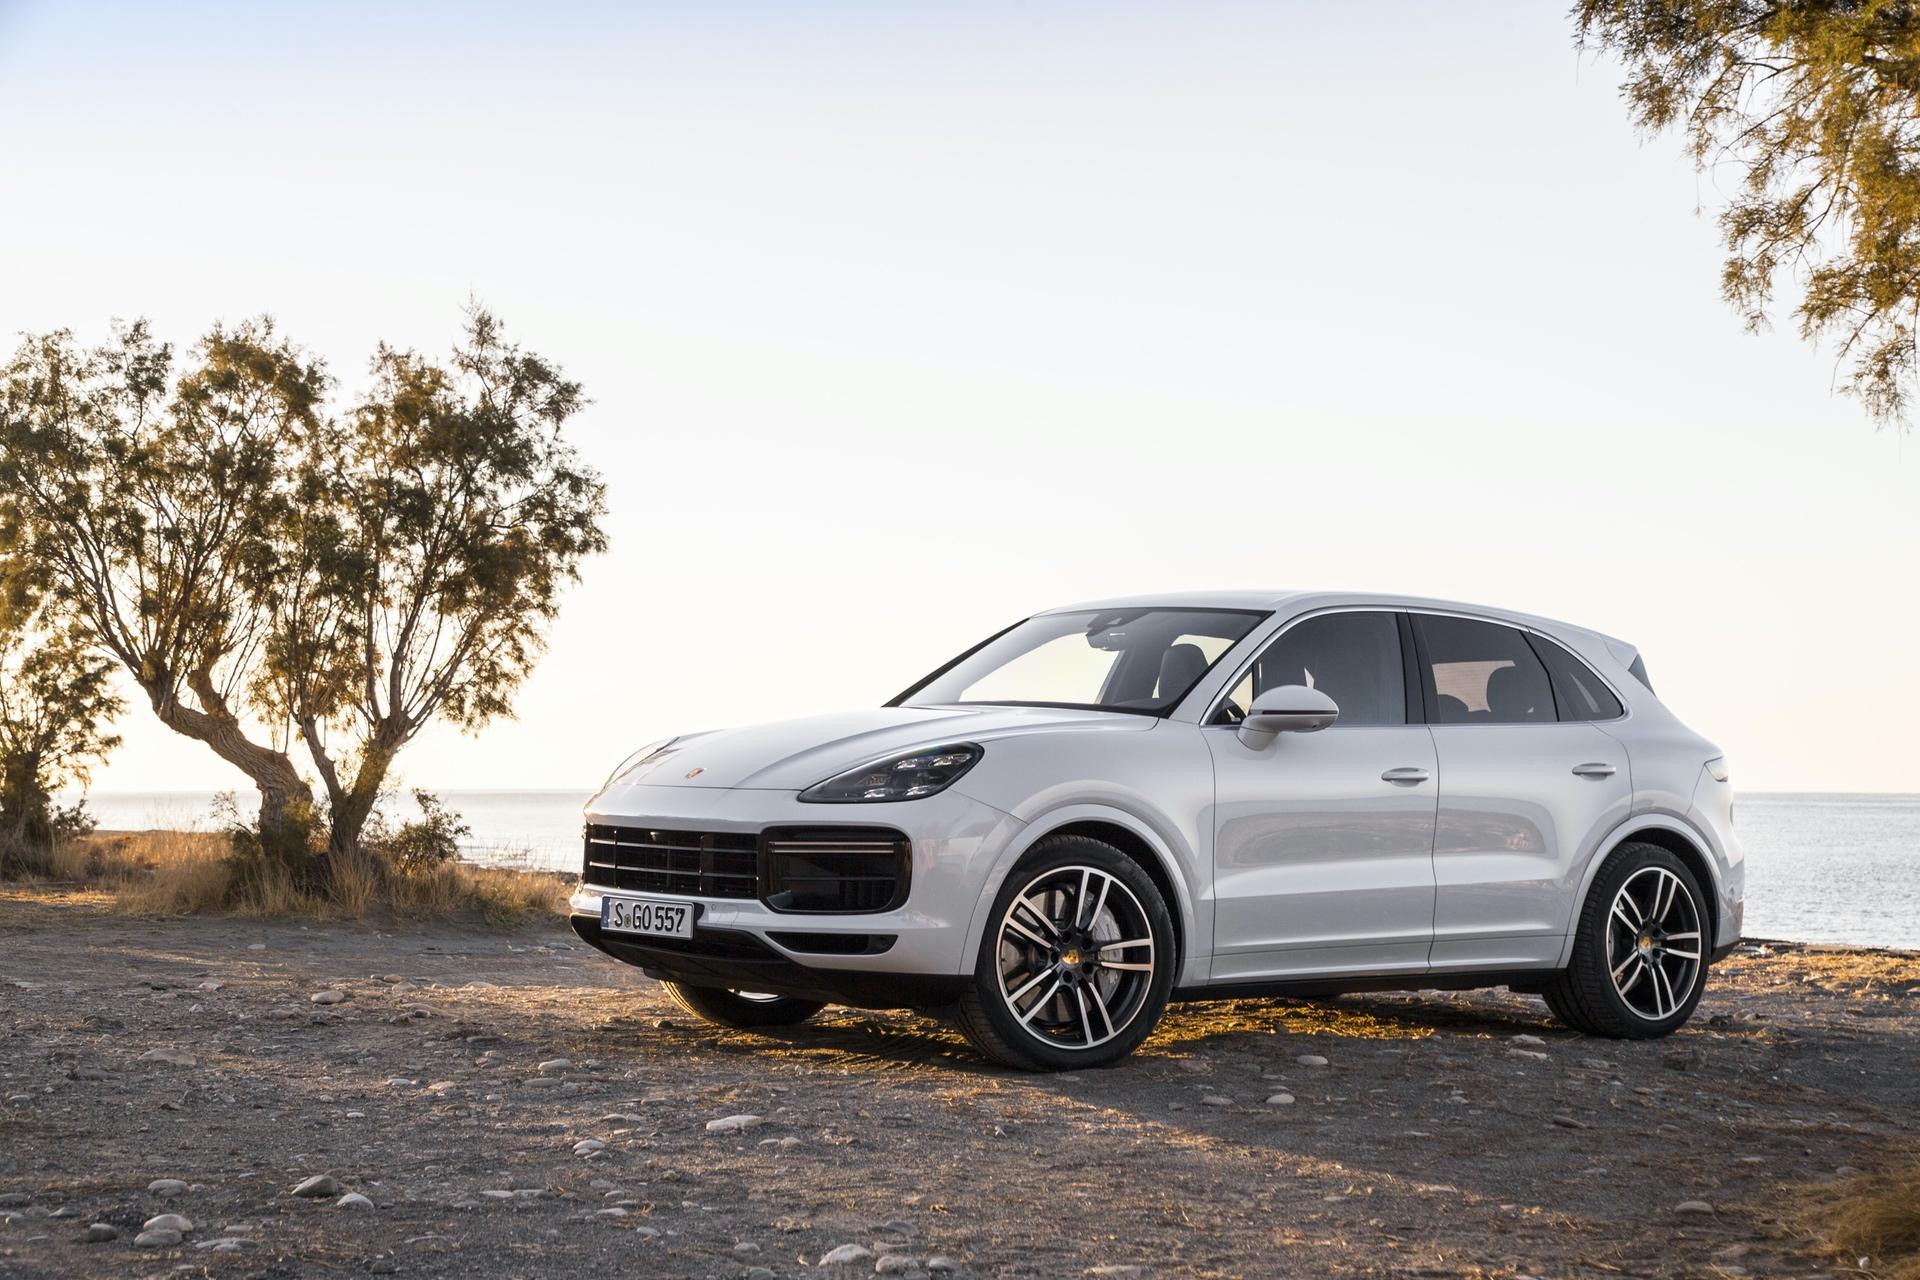 Test_Drive_Porsche_Cayenne_152